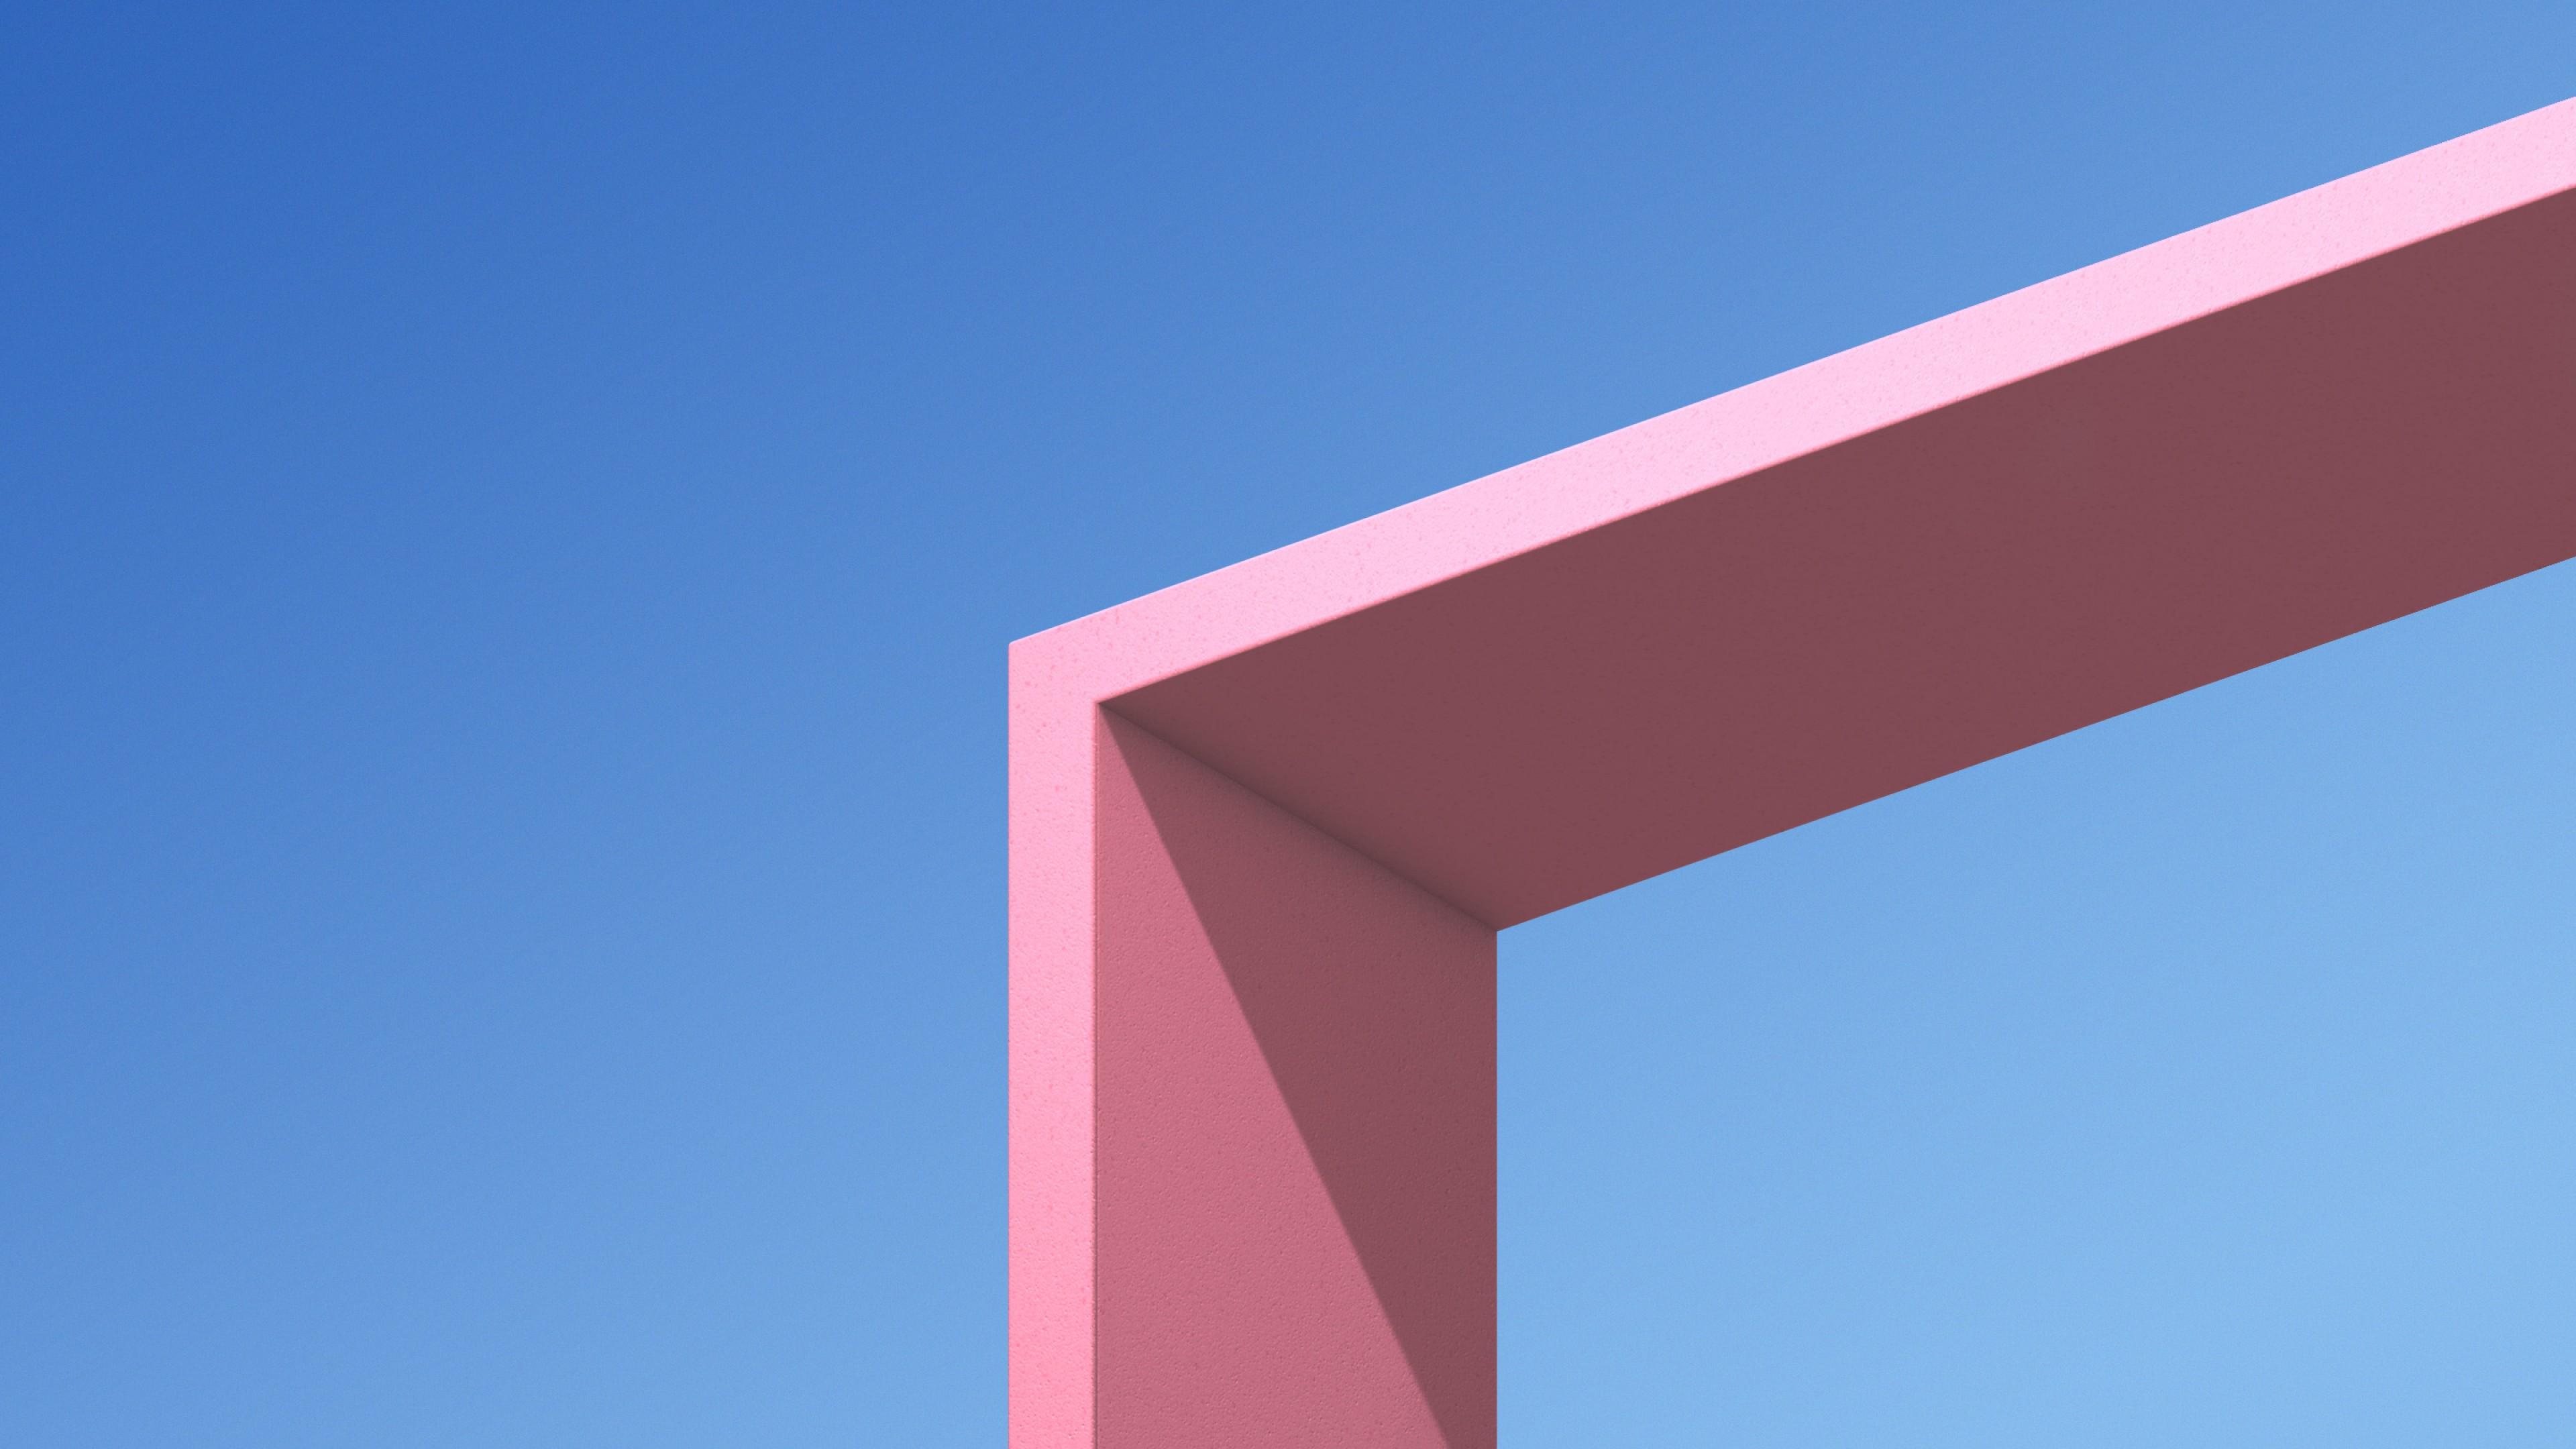 Сине-розовый геометрический фон